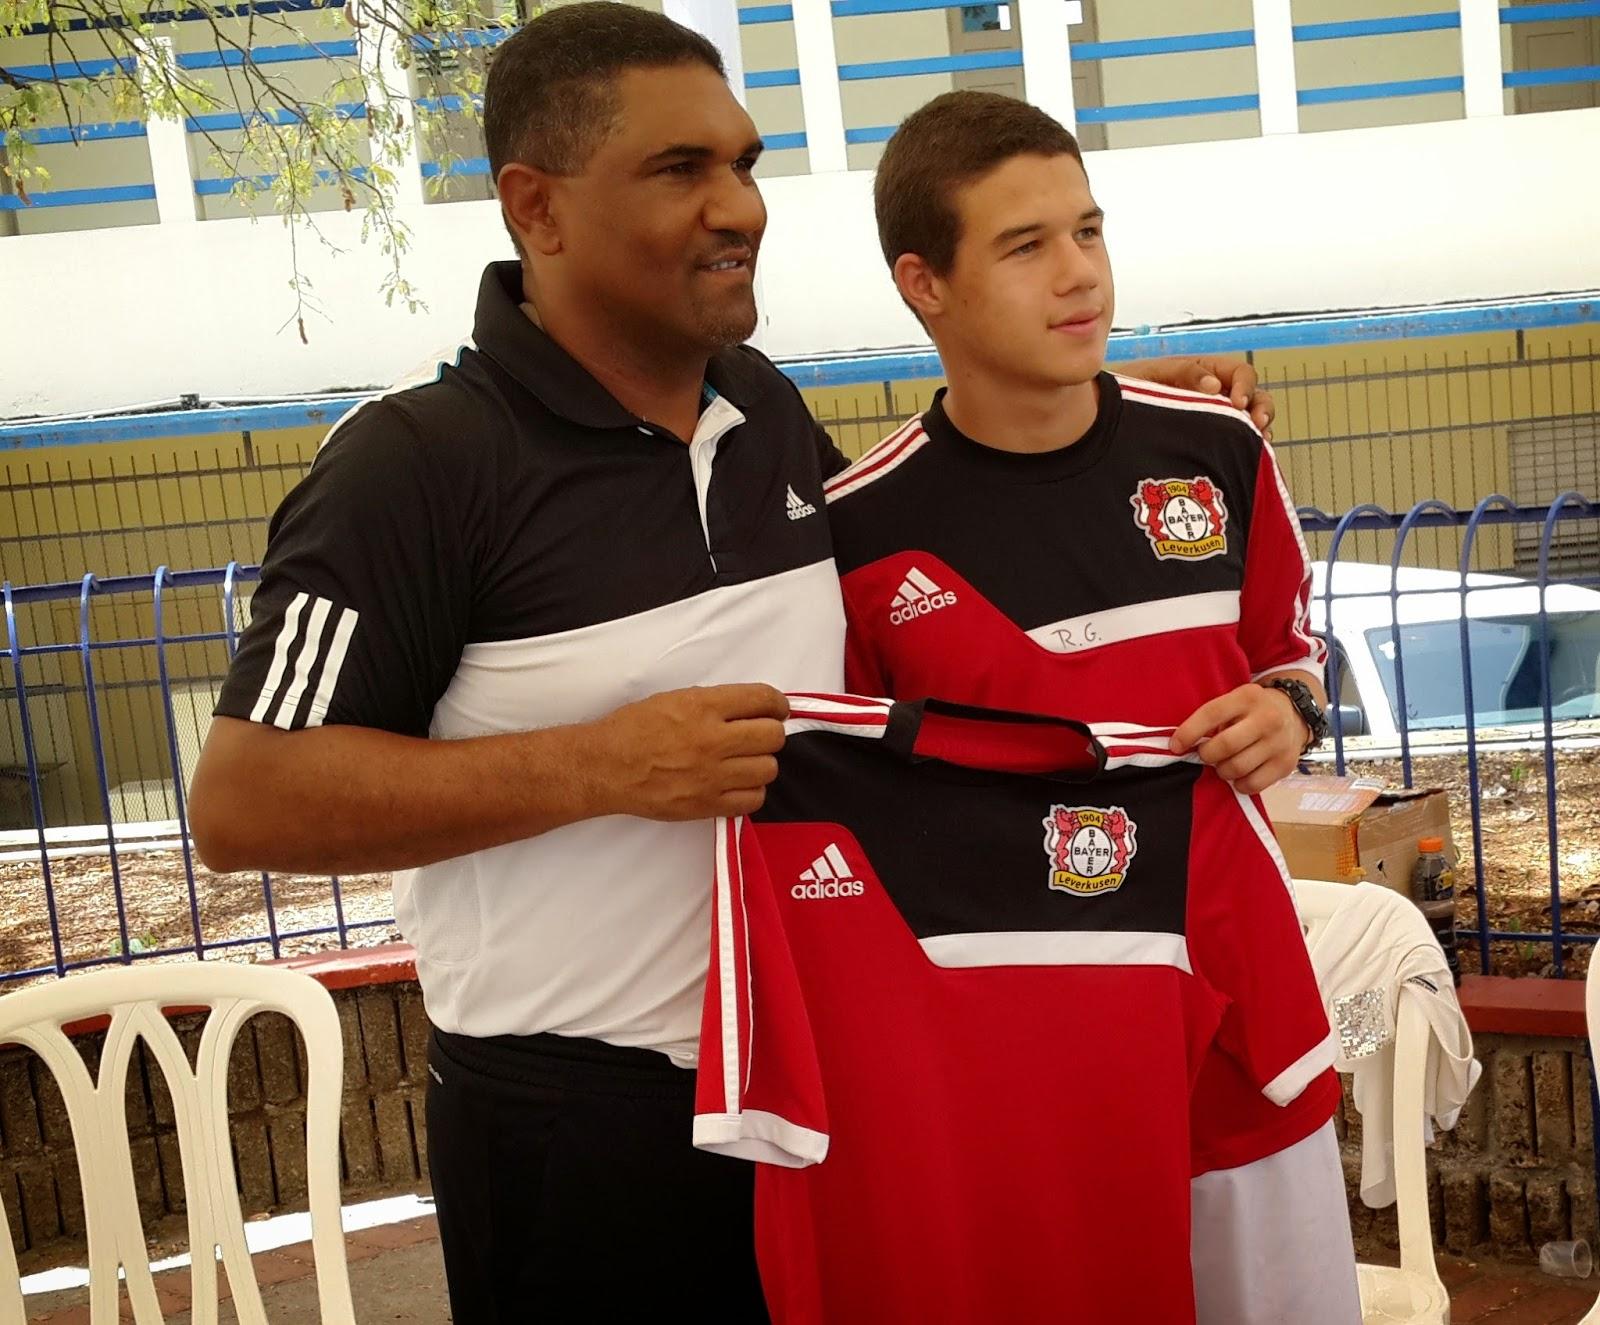 Jugador Selección Sub 16 de Alemania de origen dominicano de visita en el pais